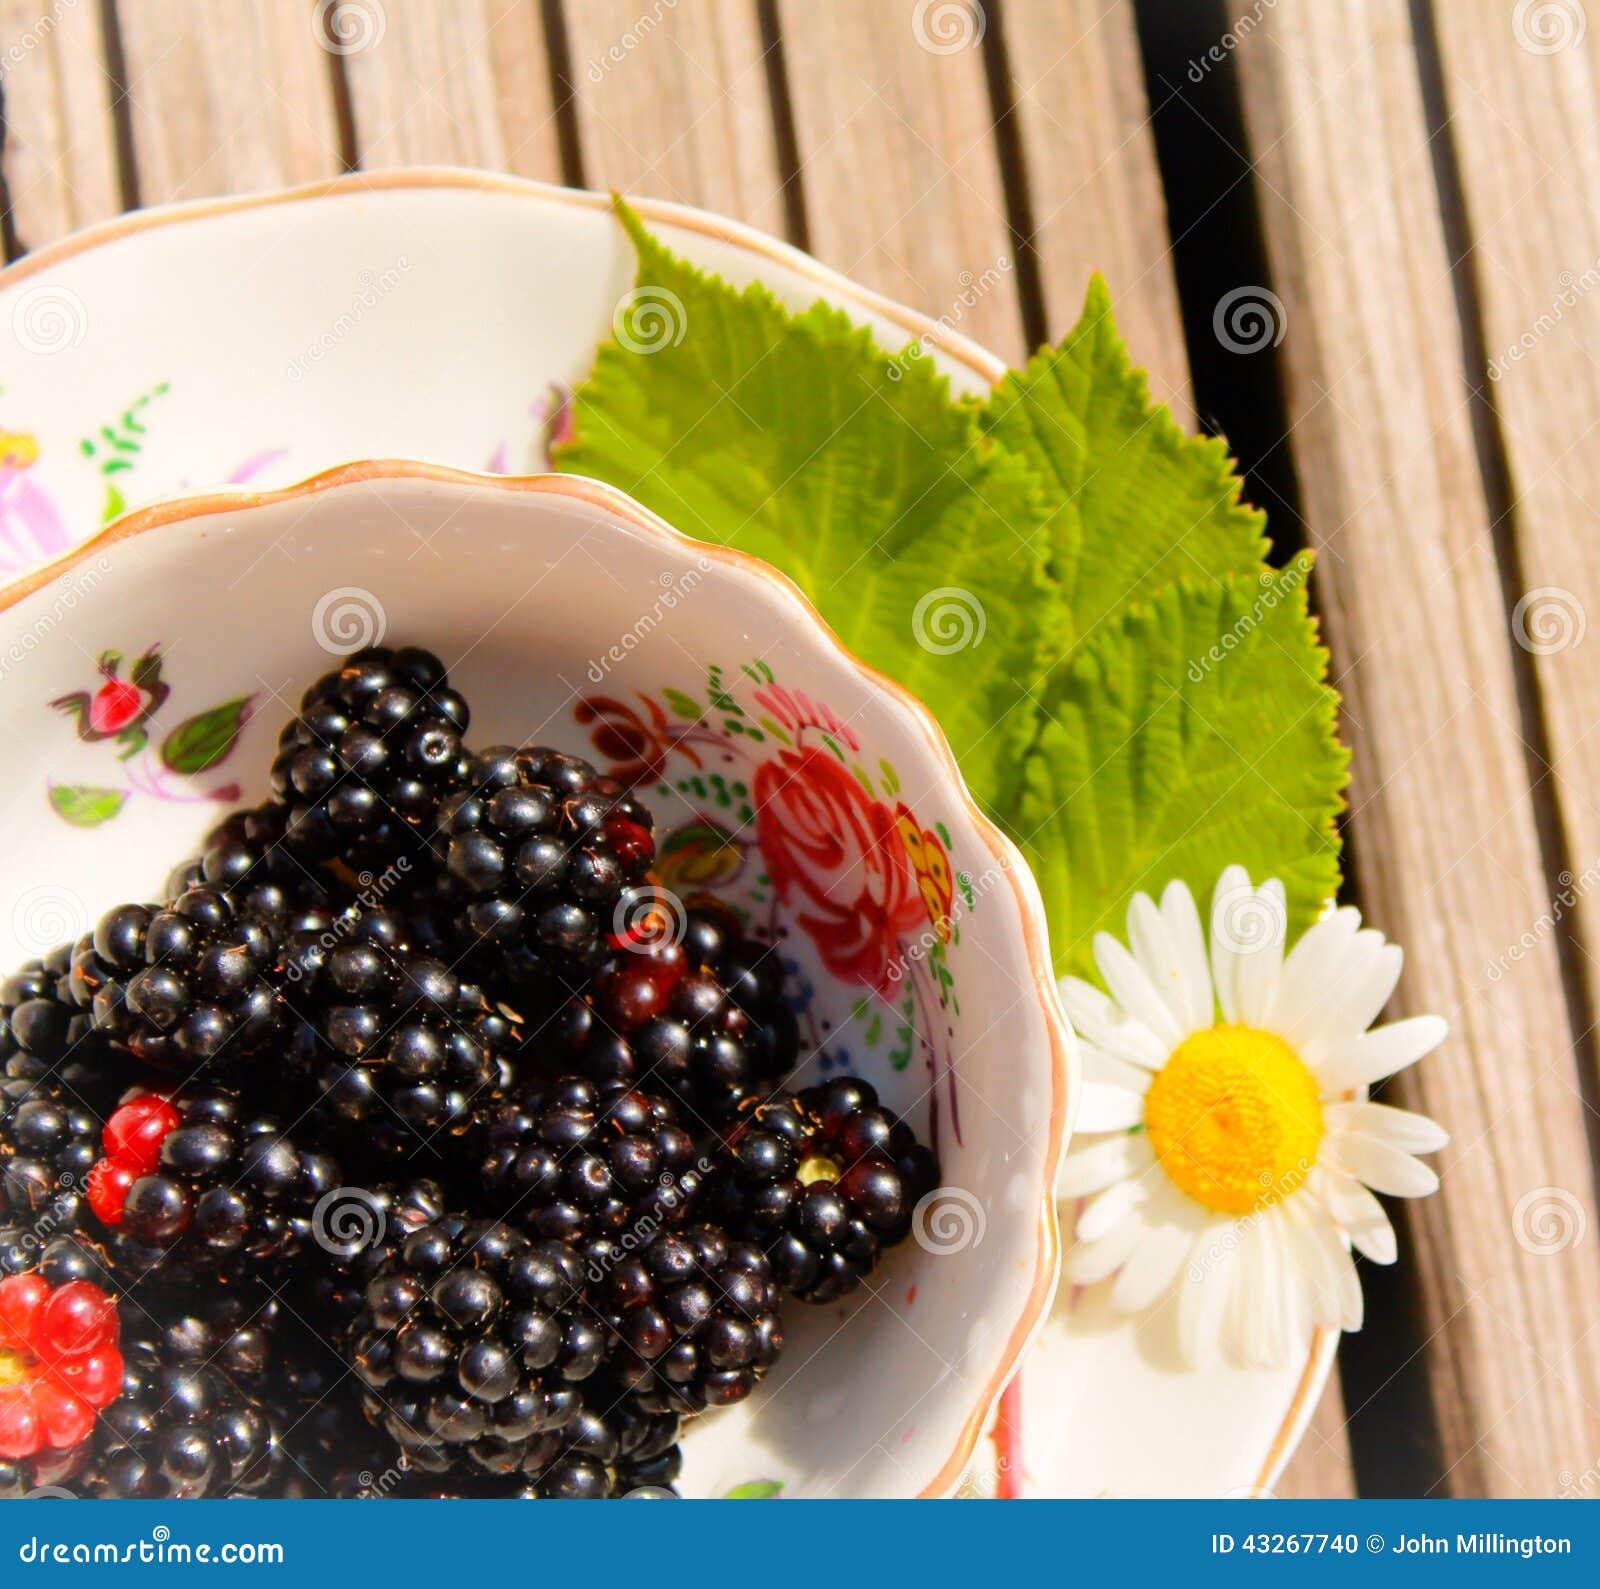 Fresh Blackberries Stock Photo. Image Of Organic, Berry